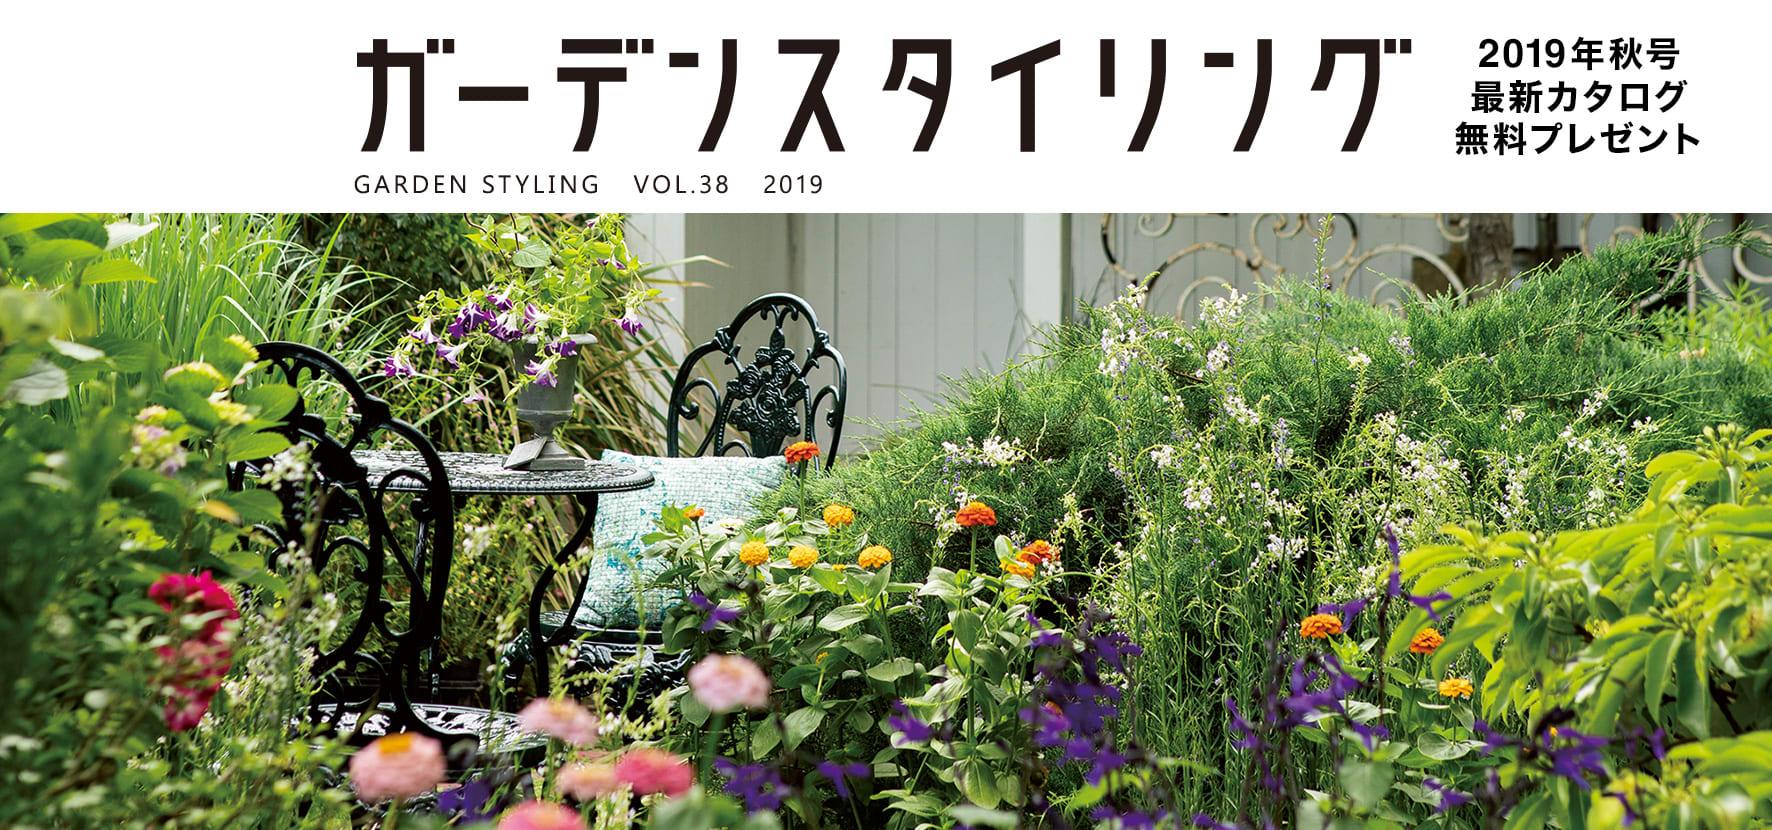 ガーデンスタイリングカタログ|2019年秋号